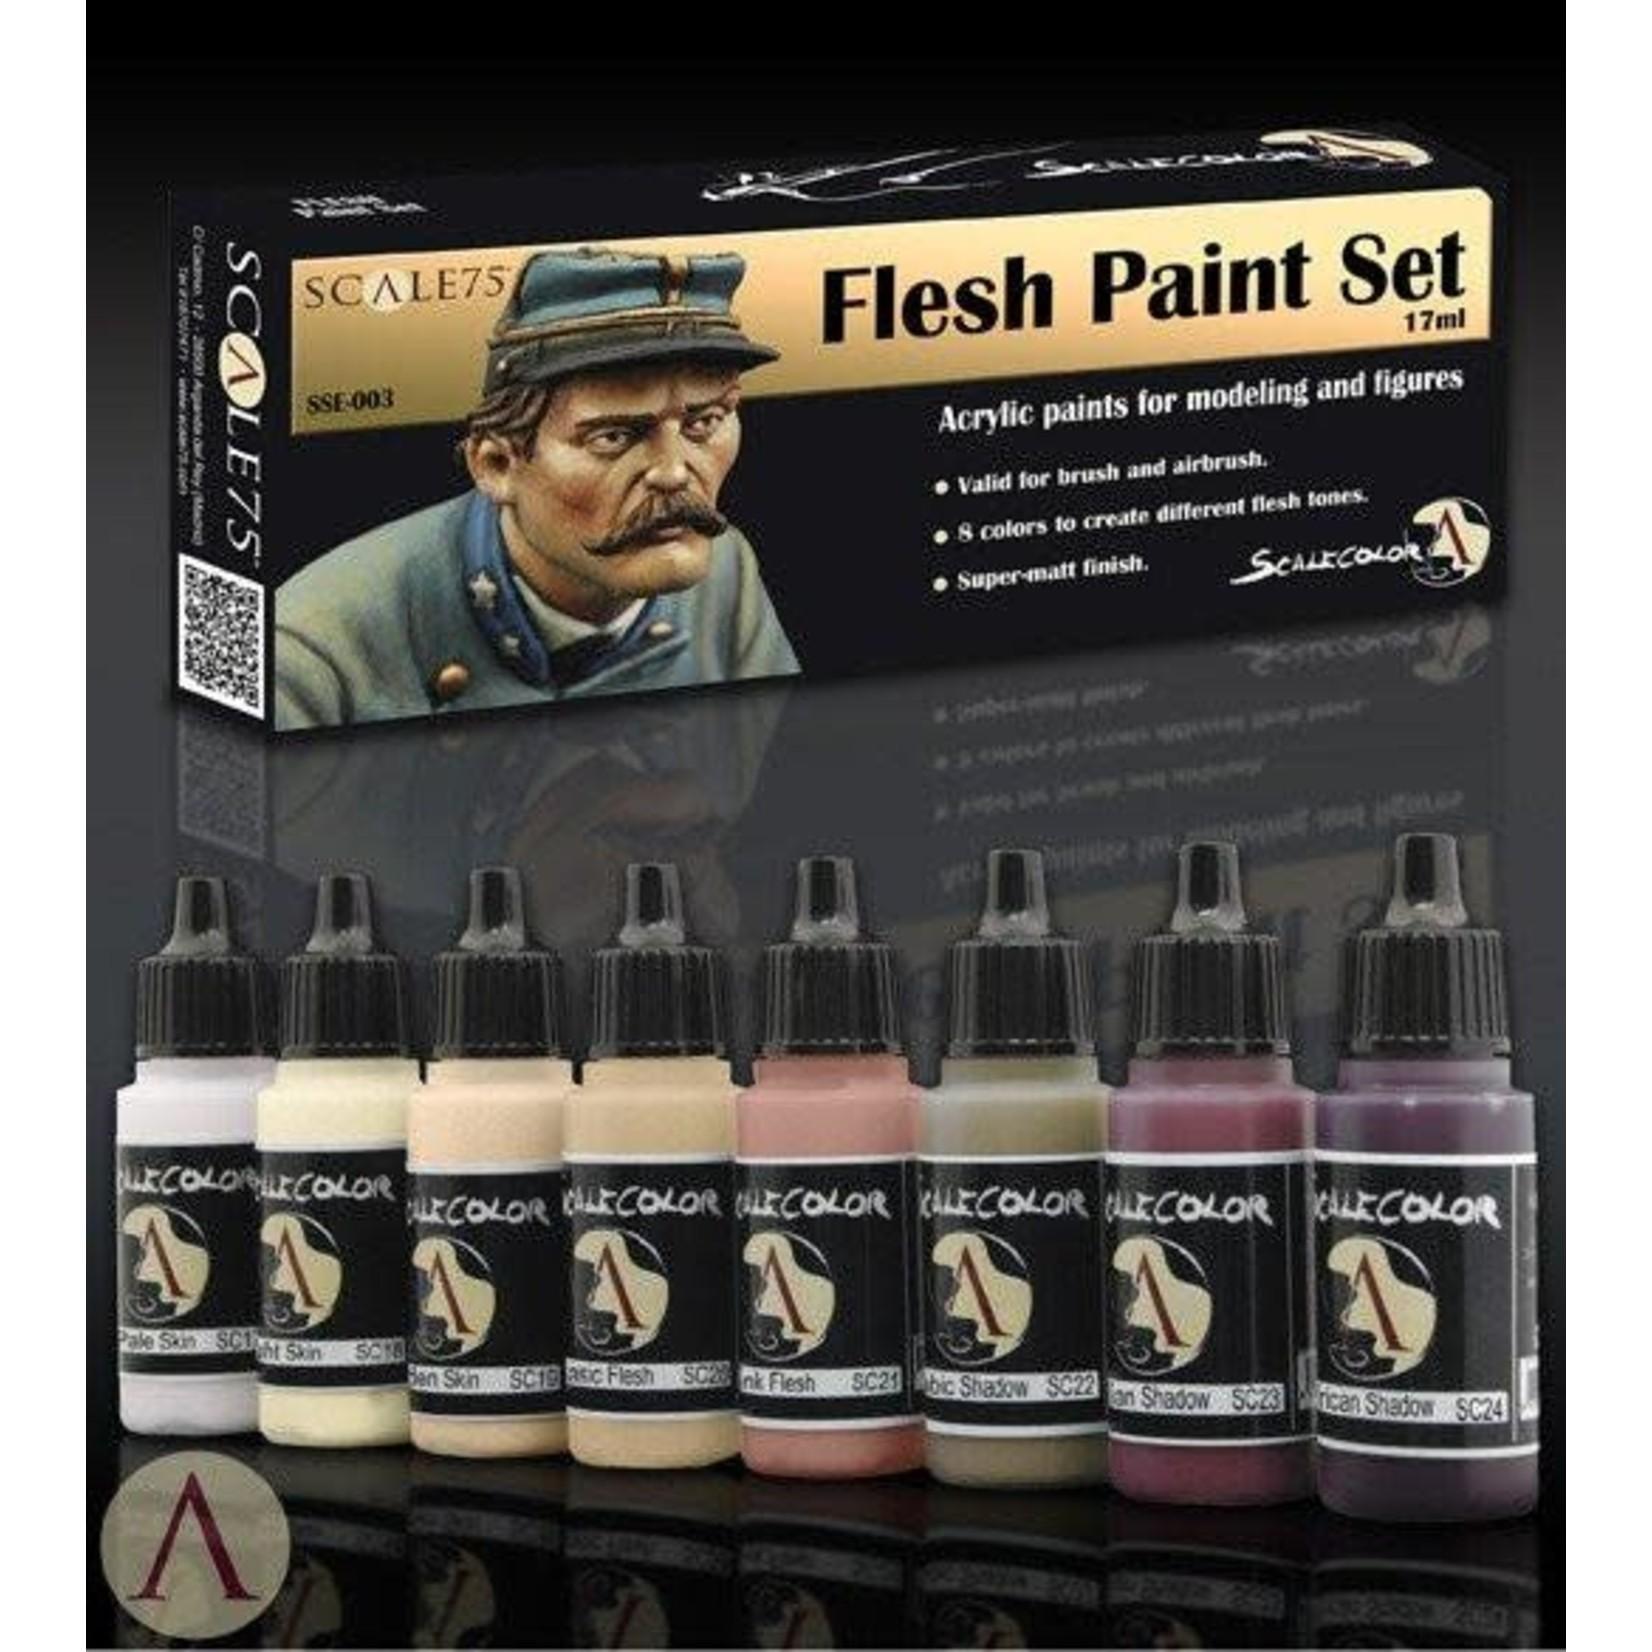 Scale75 Scale75: Flesh Paint Set